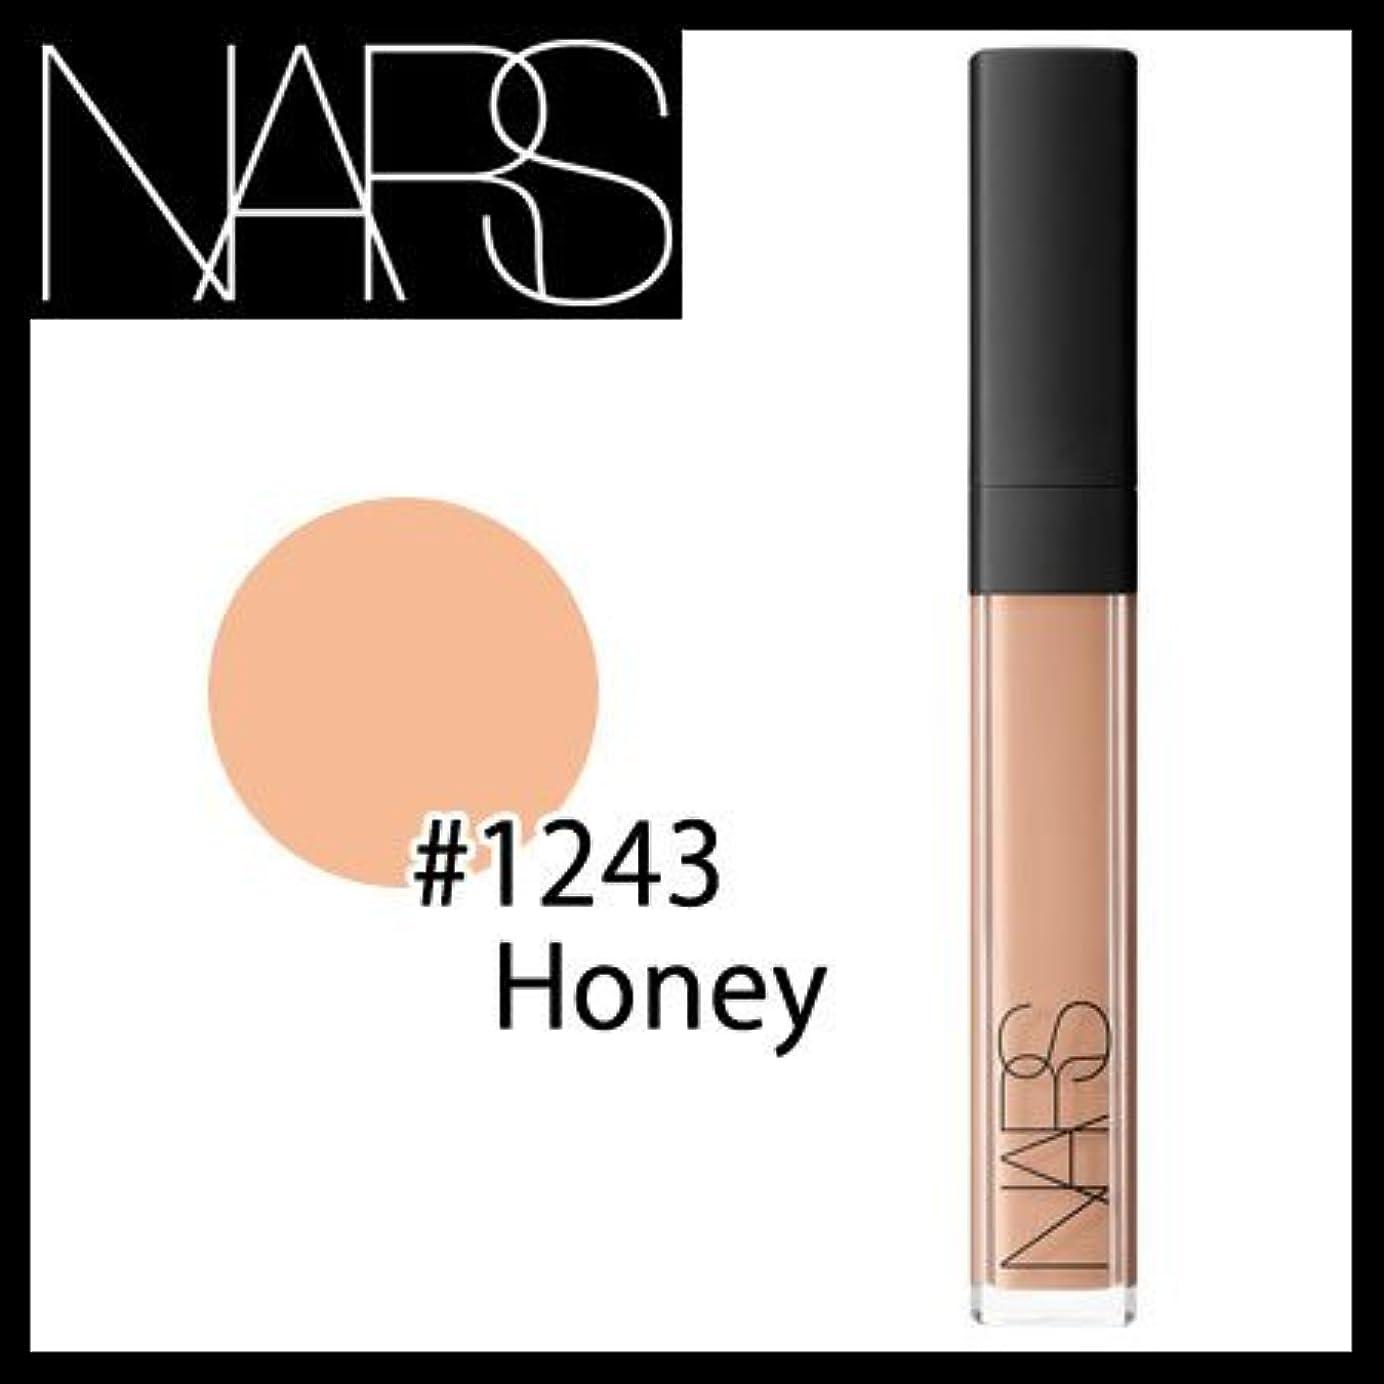 輝度許す武装解除ナーズ ラディアント クリーミー コンシーラー #1243 Honey -NARS- 【並行輸入品】